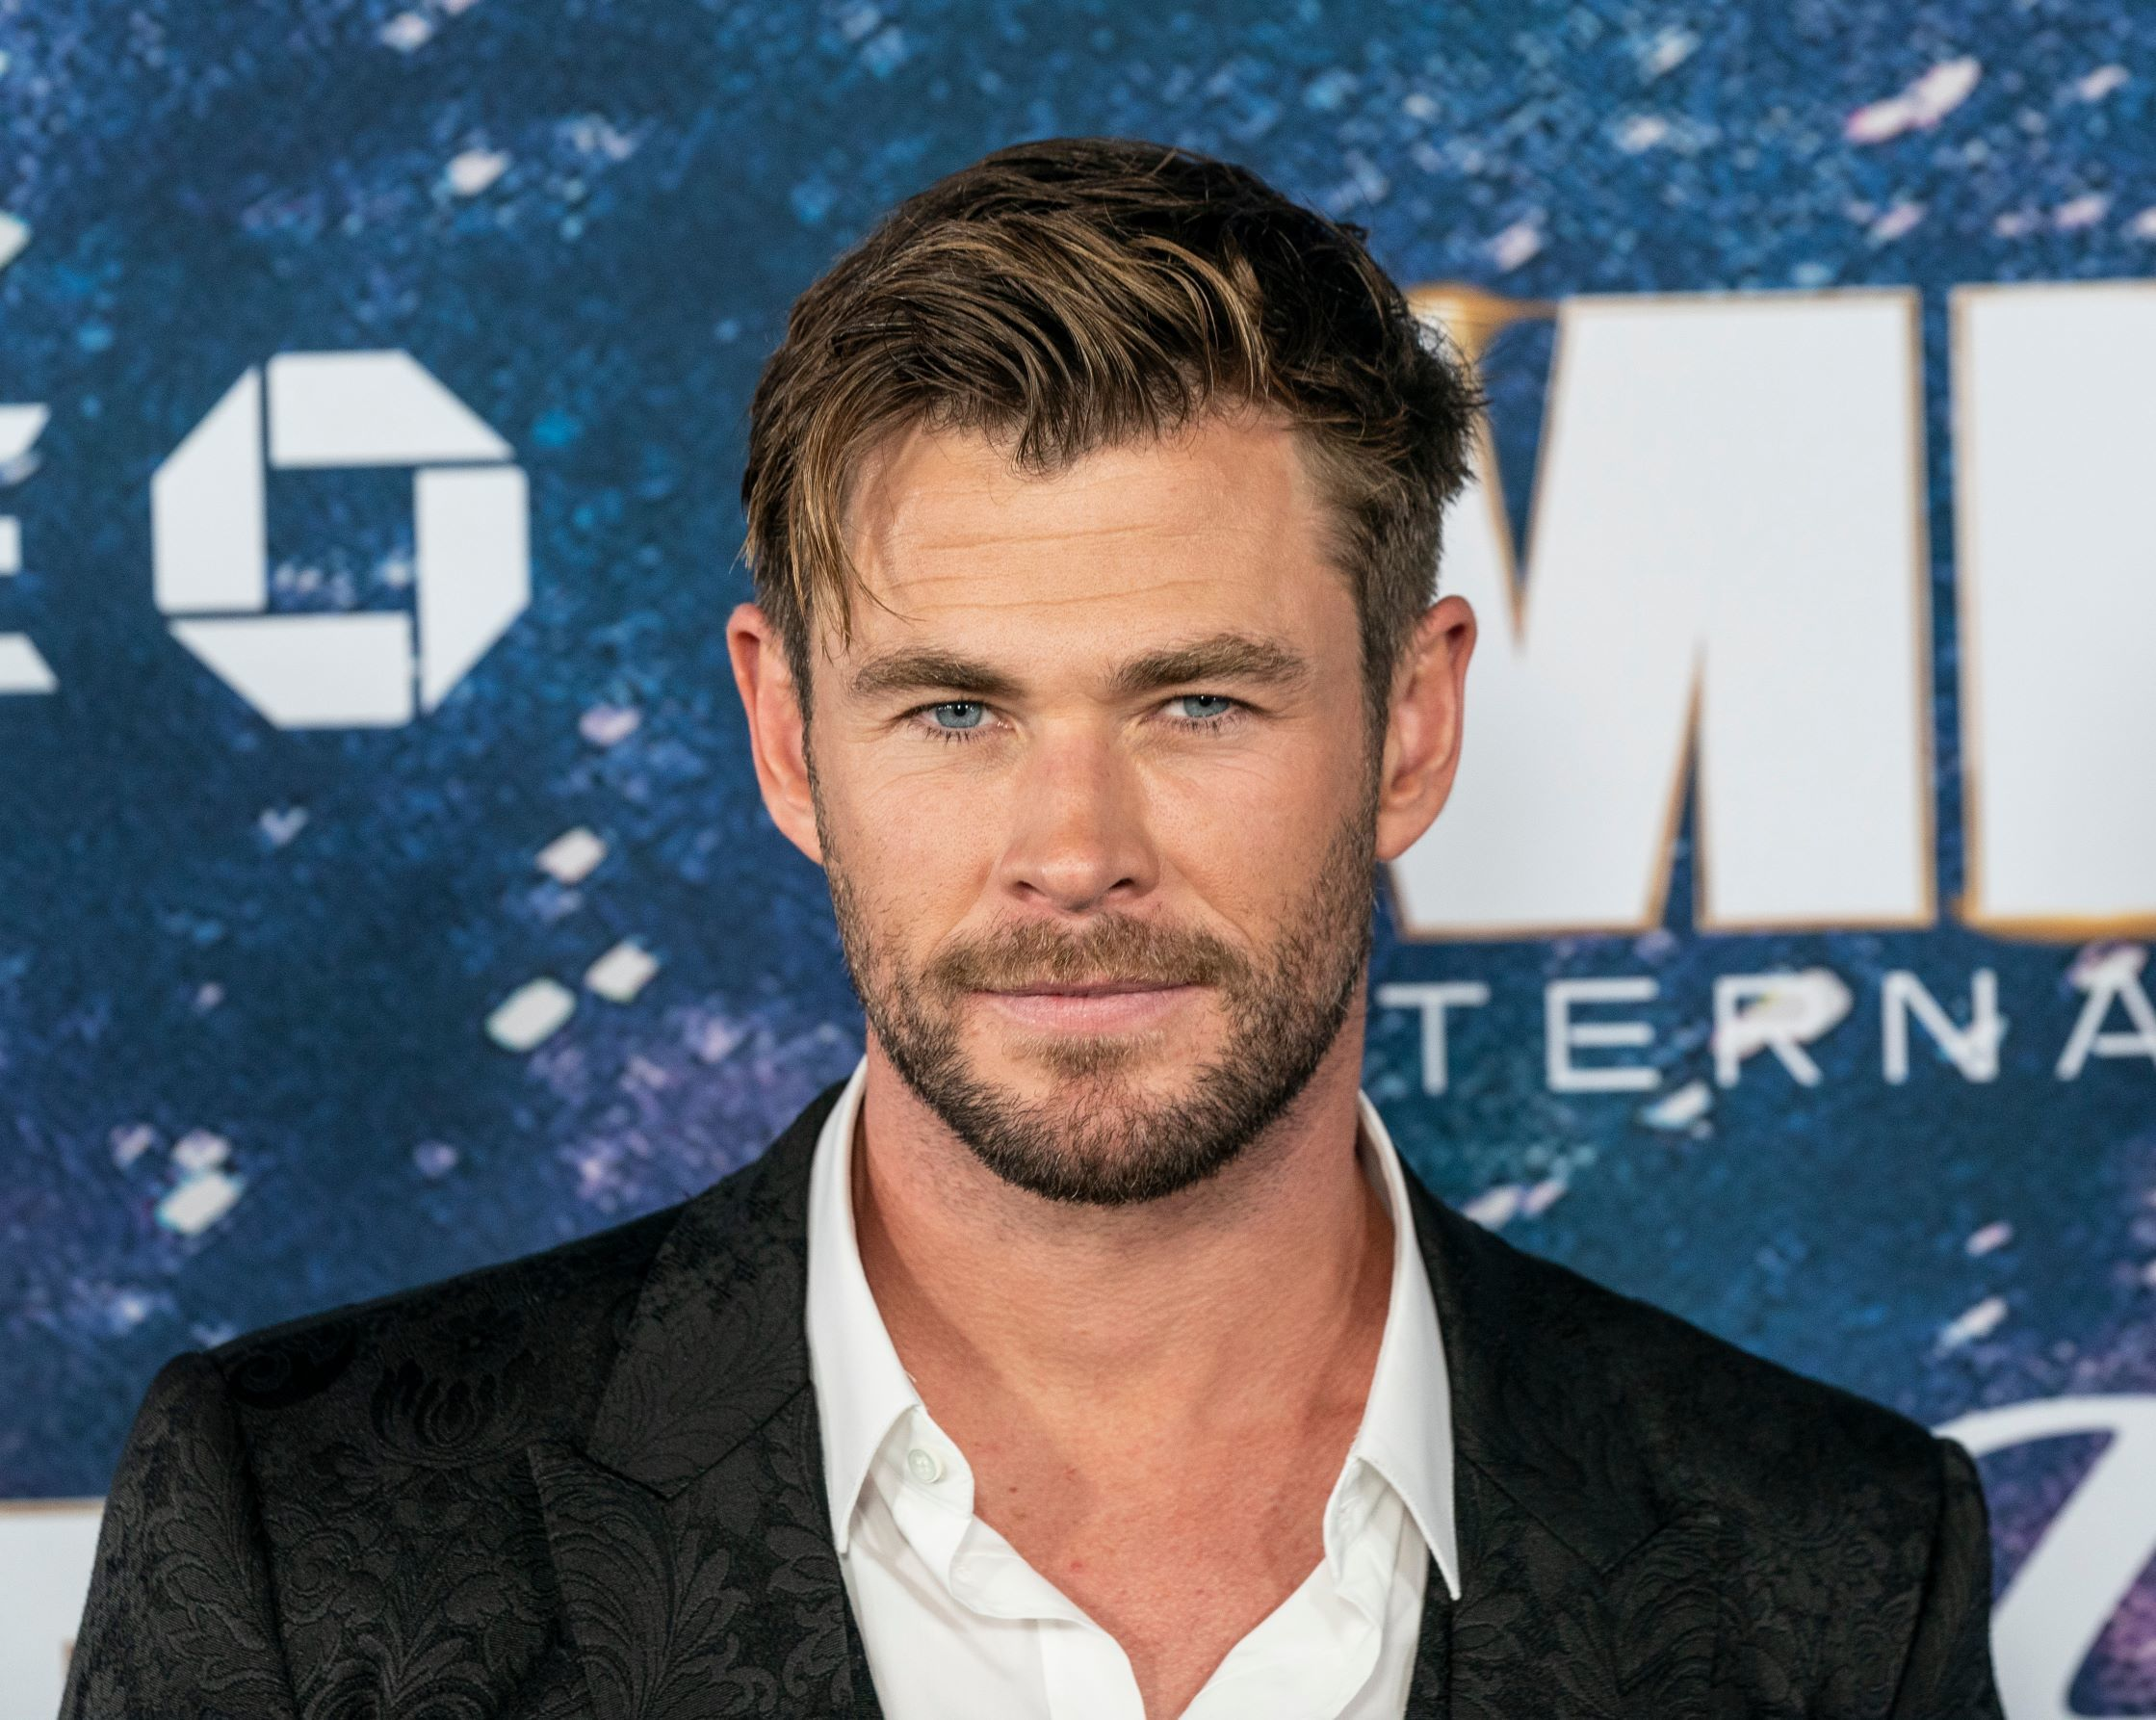 La foto que revela la (importantísima) parte del cuerpo que Chris Hemsworth debería de trabajar más en el gimnasio